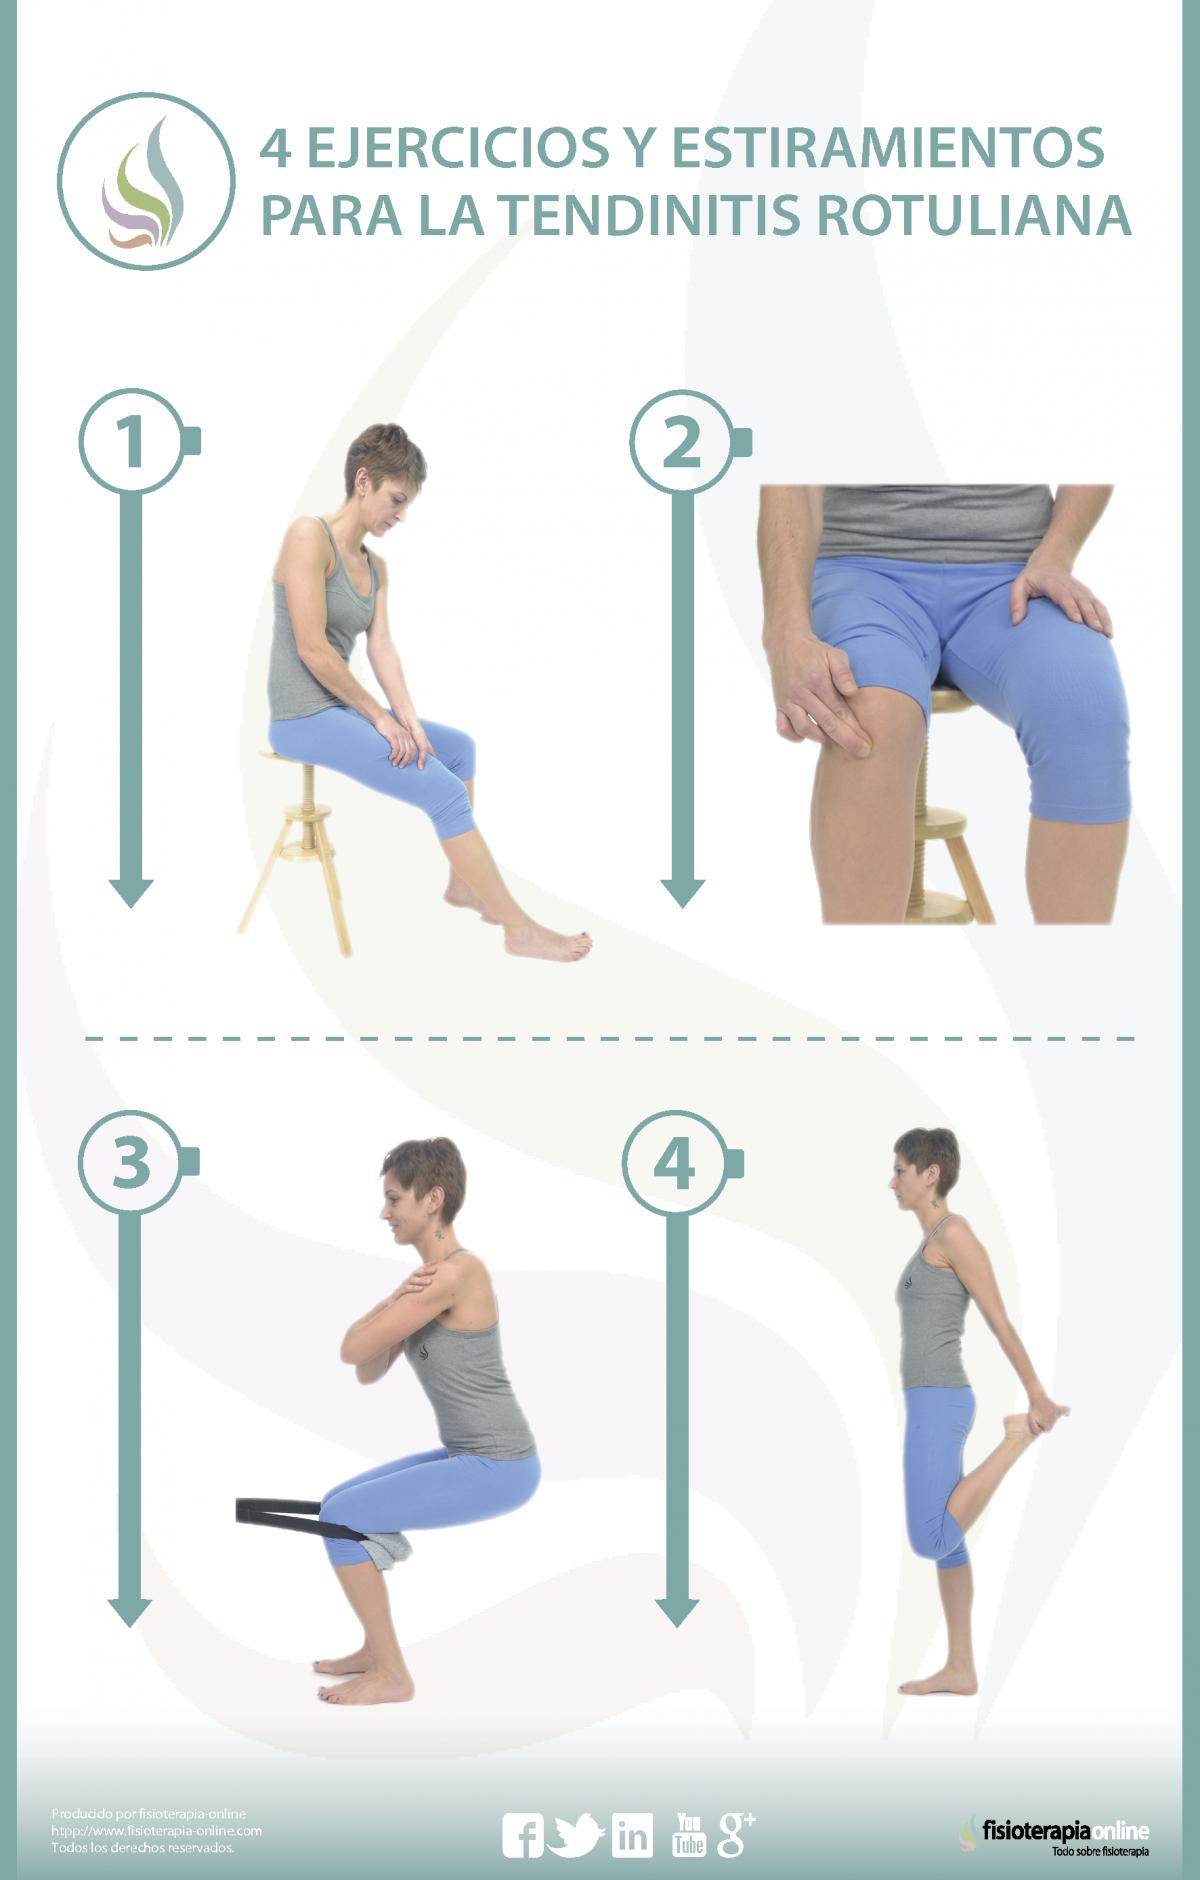 4 ejercicios y estiramientos para la tendinitis rotuliana o del saltador